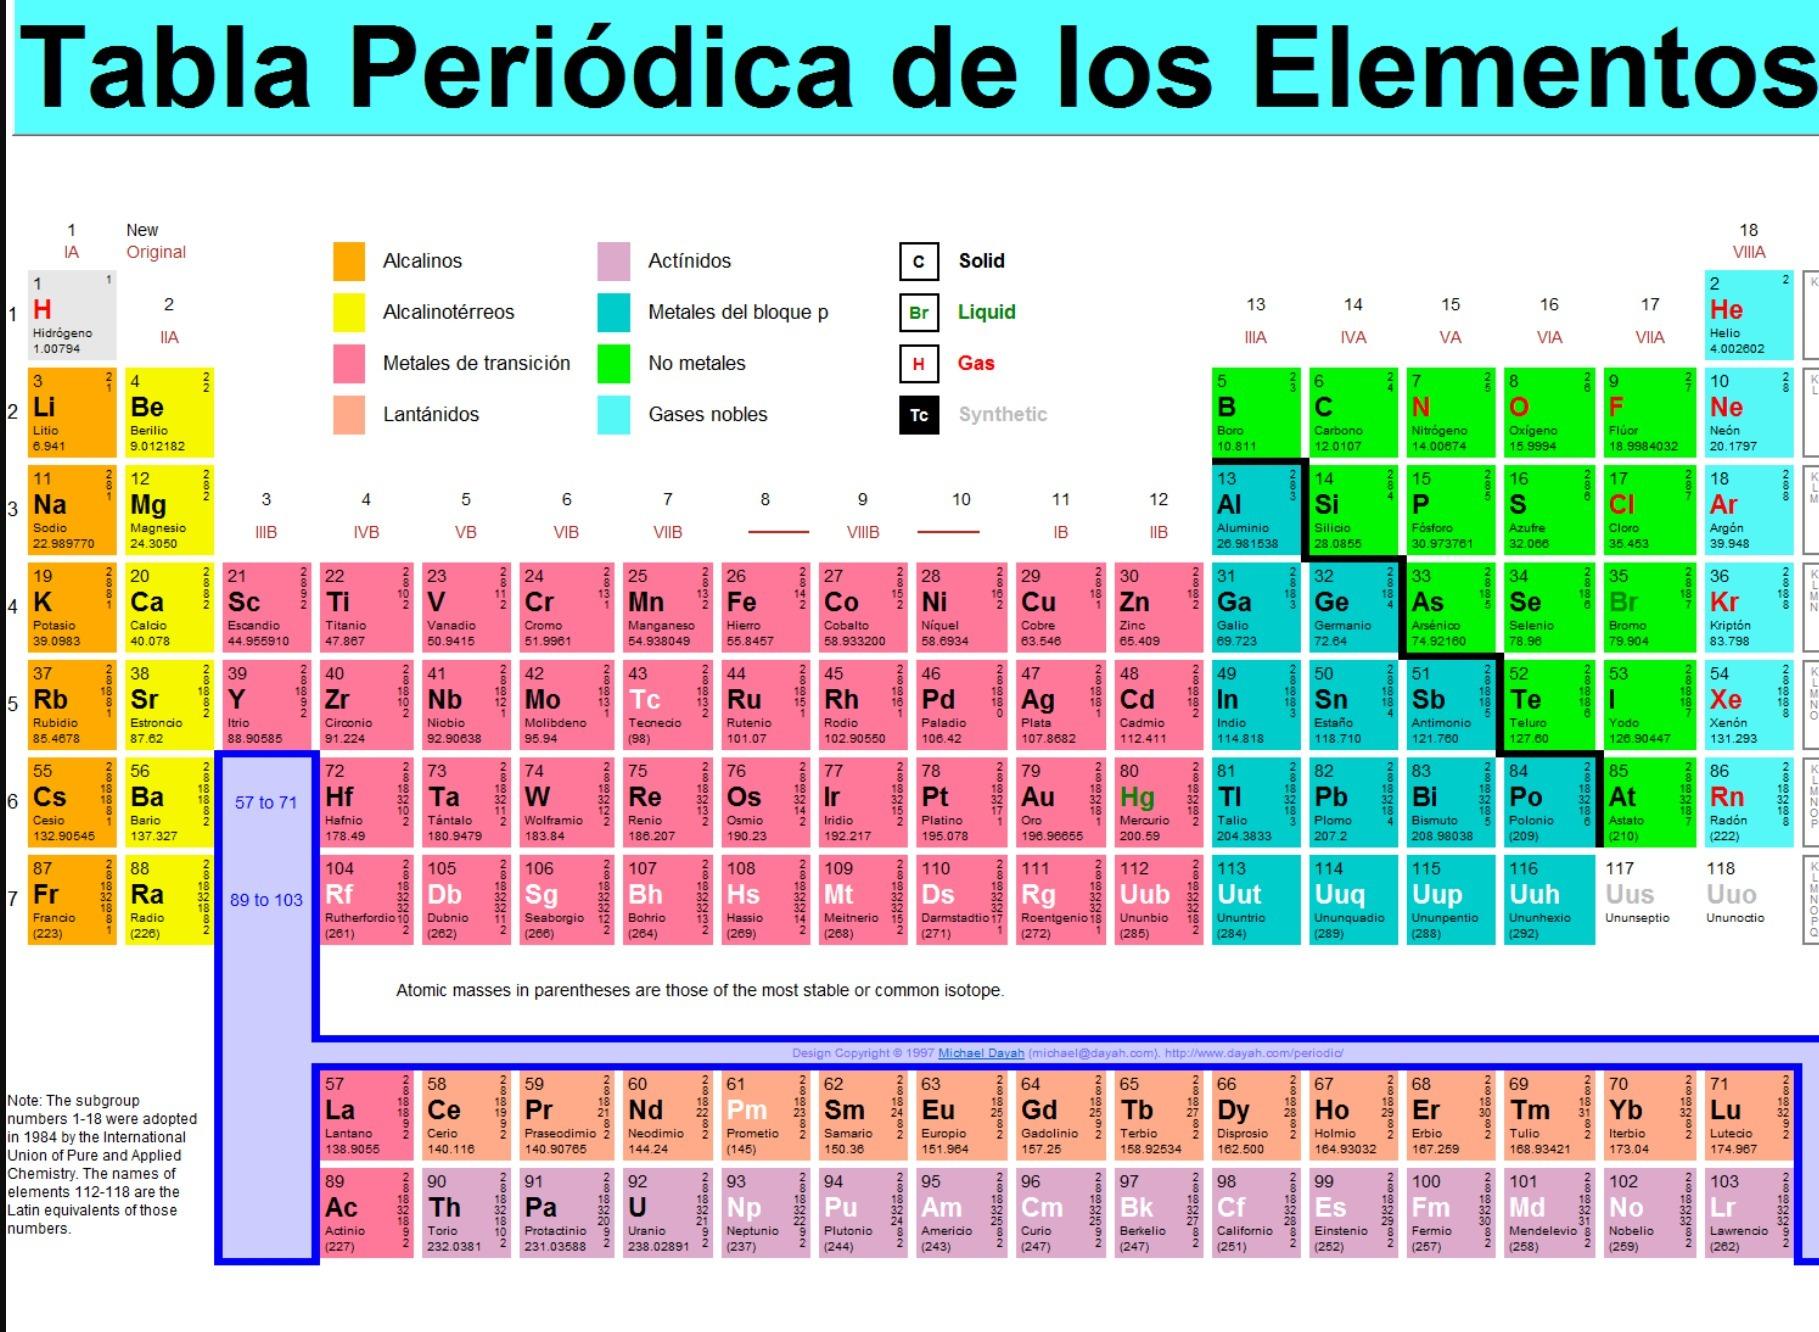 Tabla periodica de los elementos quimicos 2016 ayuda porfa descarga jpg urtaz Images